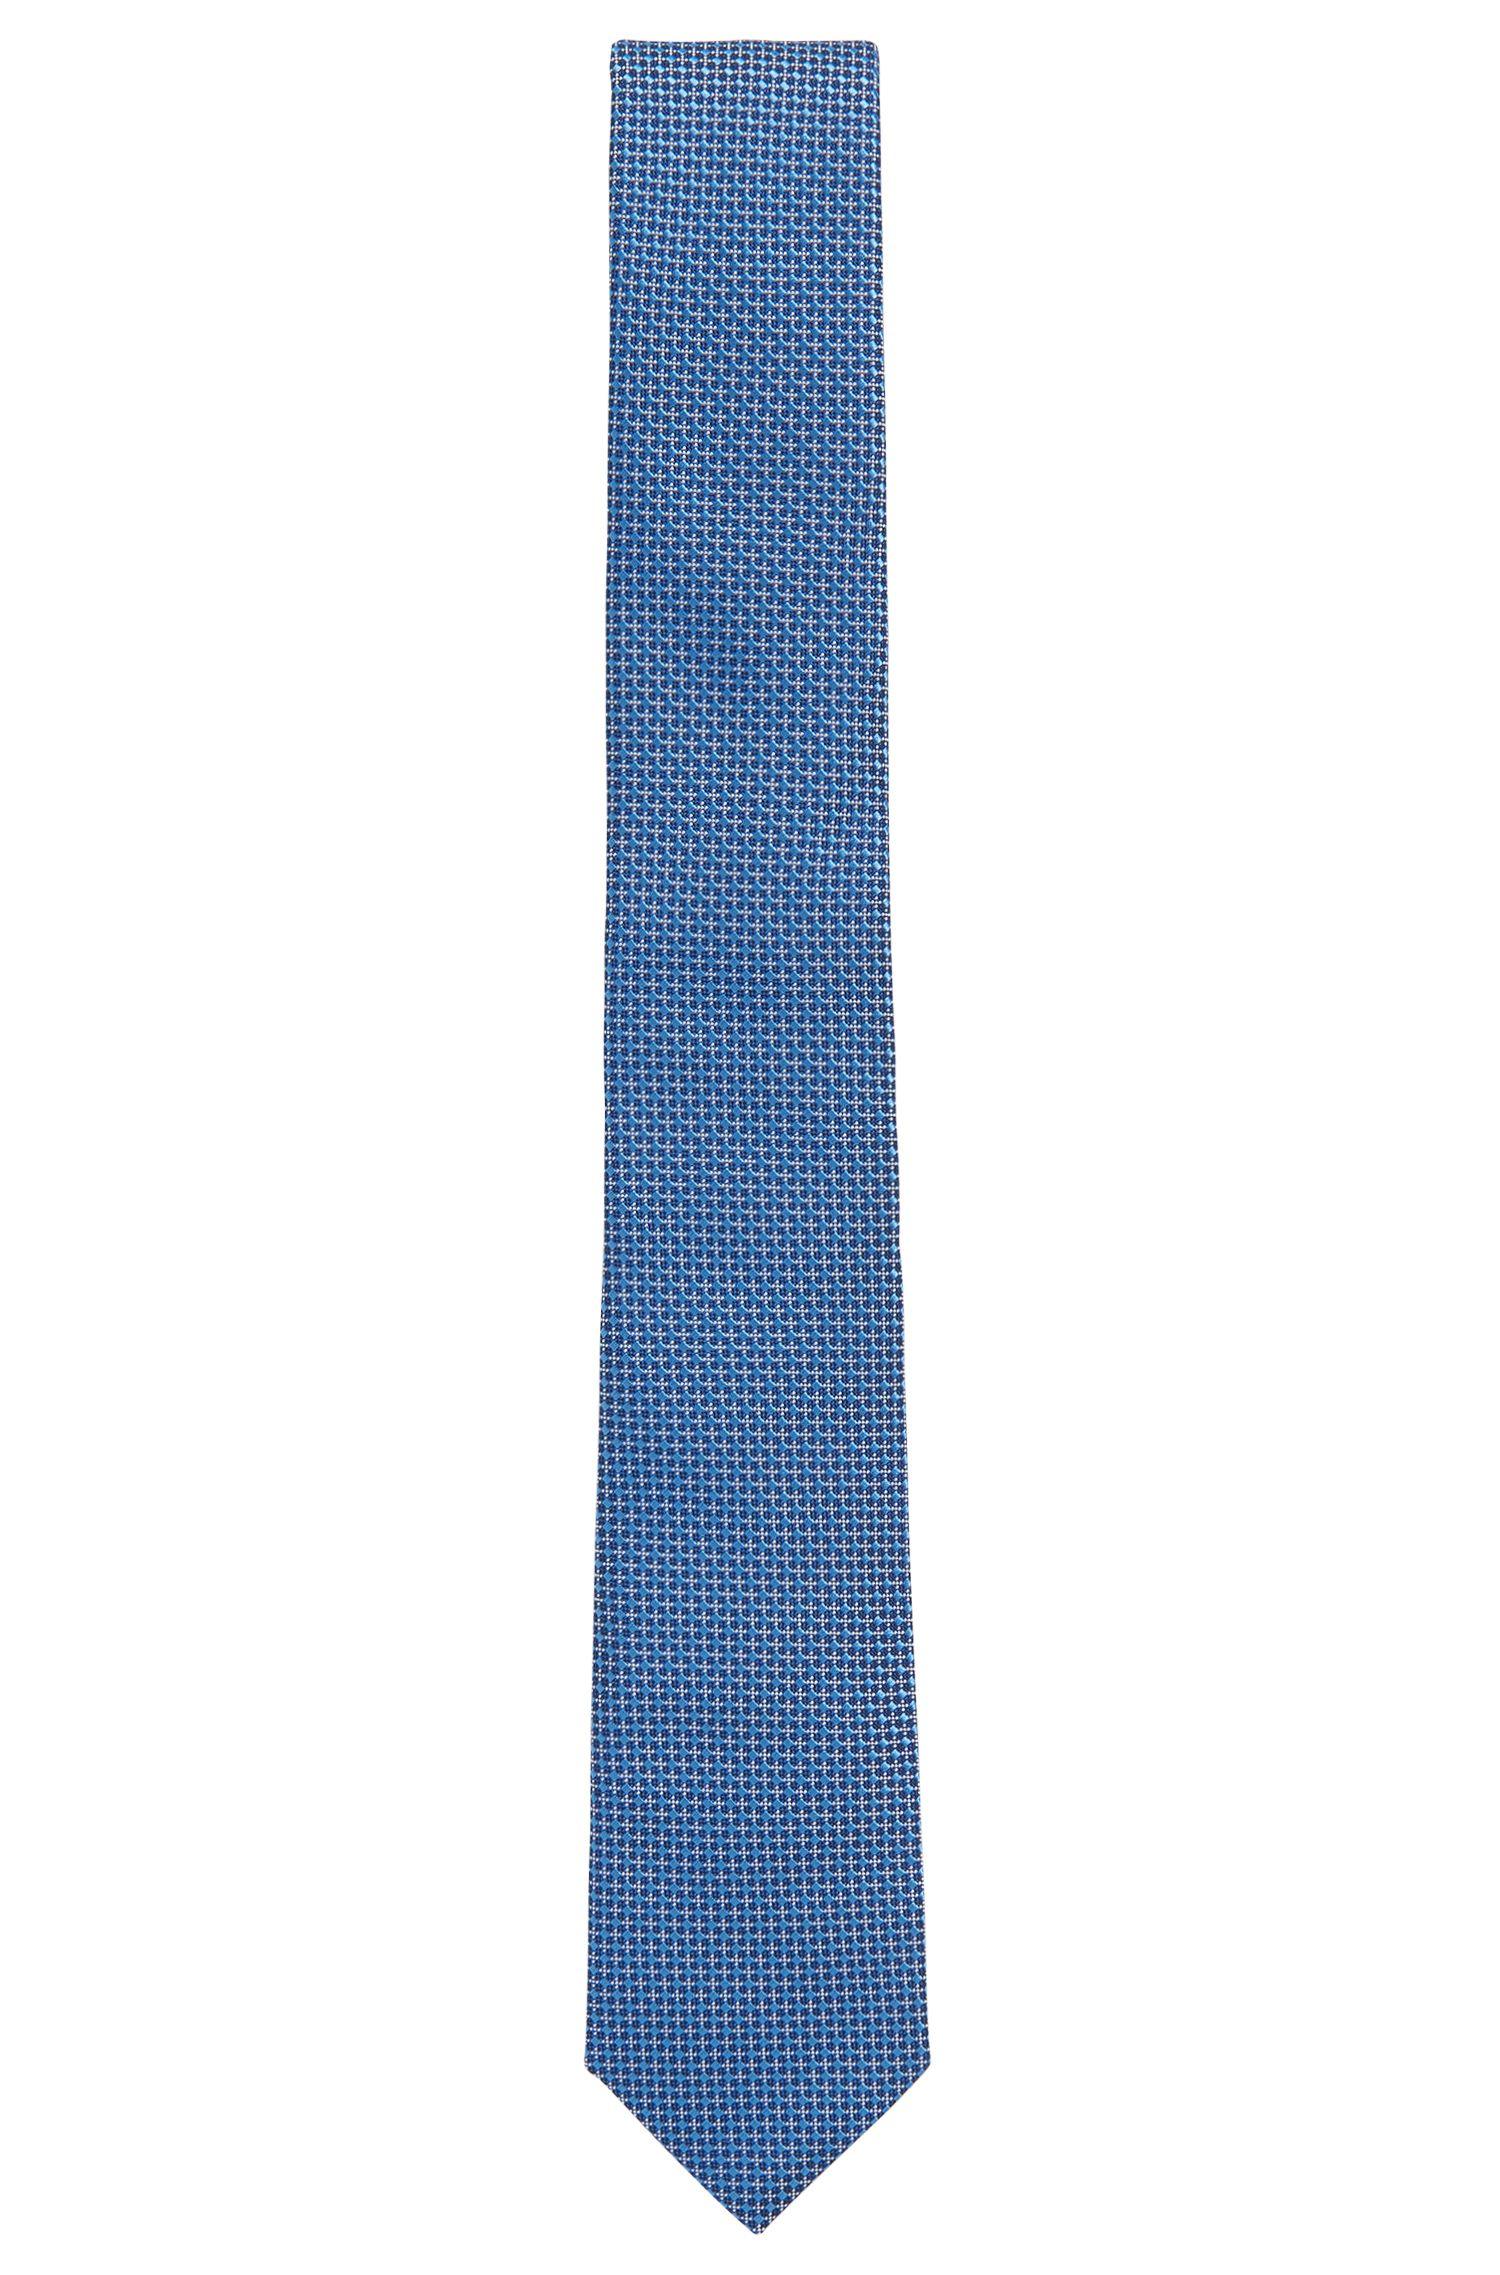 In Italien handgefertigte Seiden-Krawatte aus gemustertem Jacquard